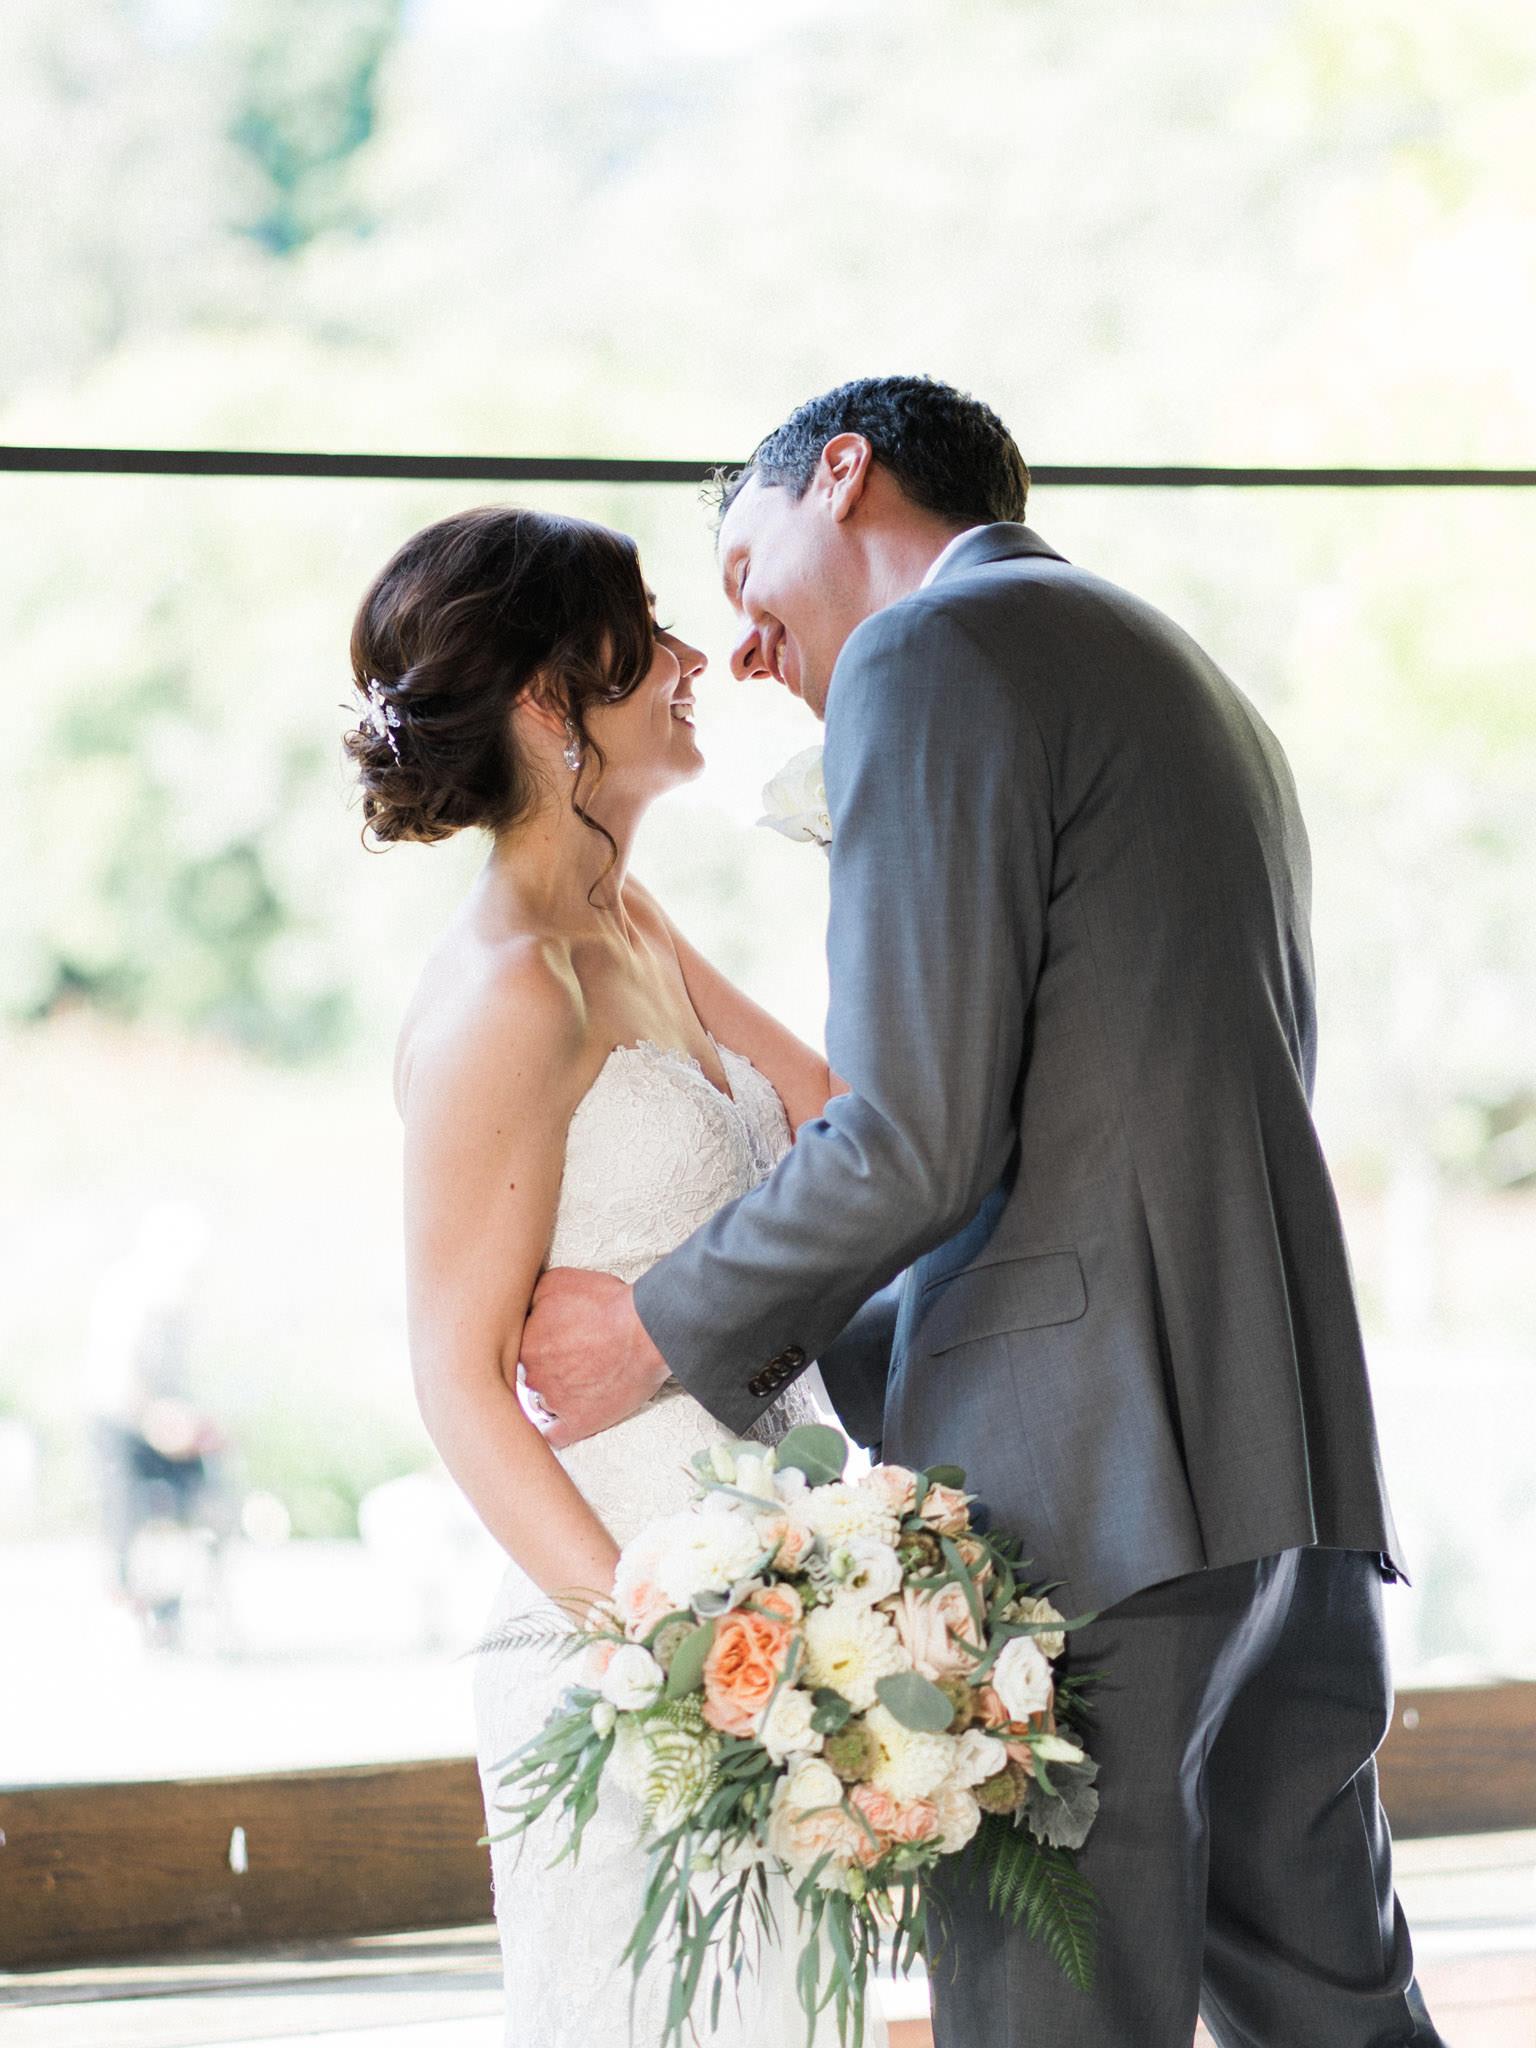 Shaughnessy Restaurant wedding ceremony